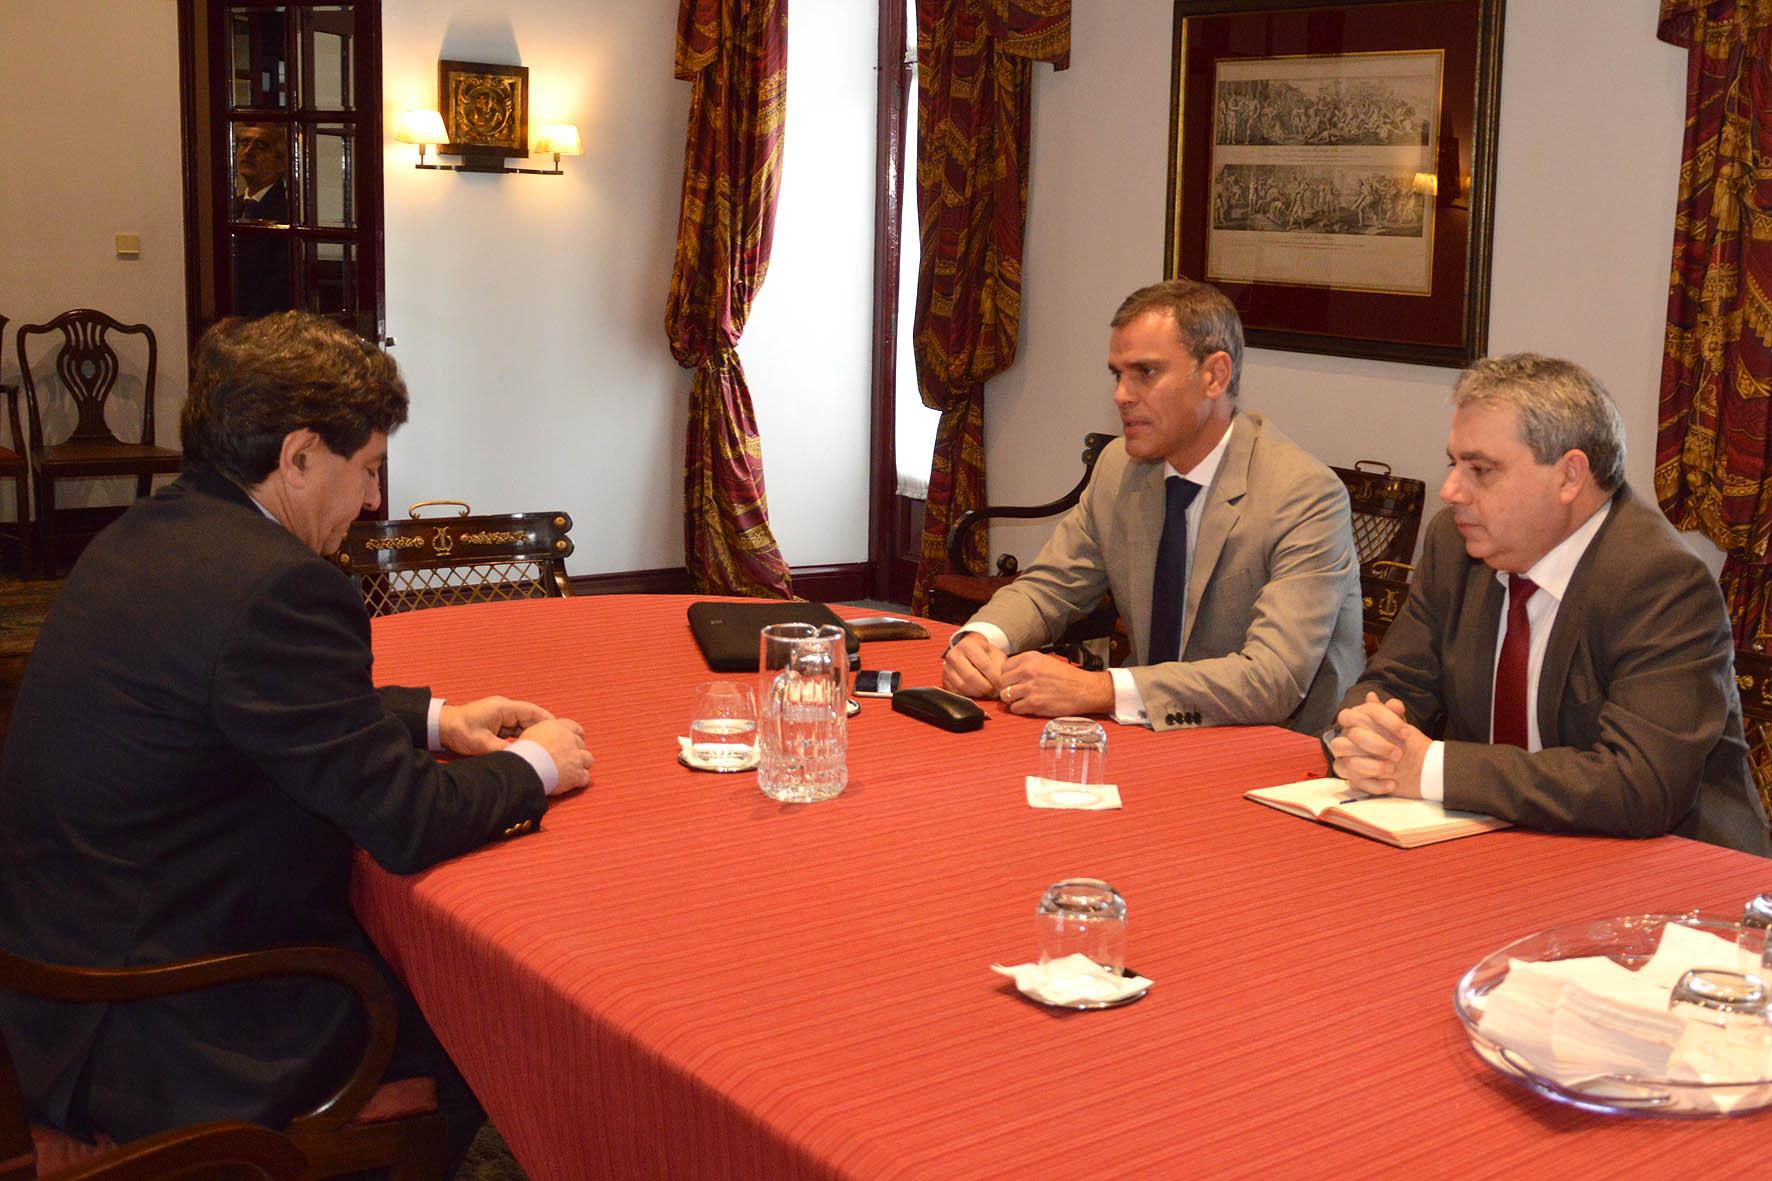 É possível reforçar substancialmente as exportações açorianas para a Madeira, afirma Sérgio Ávila